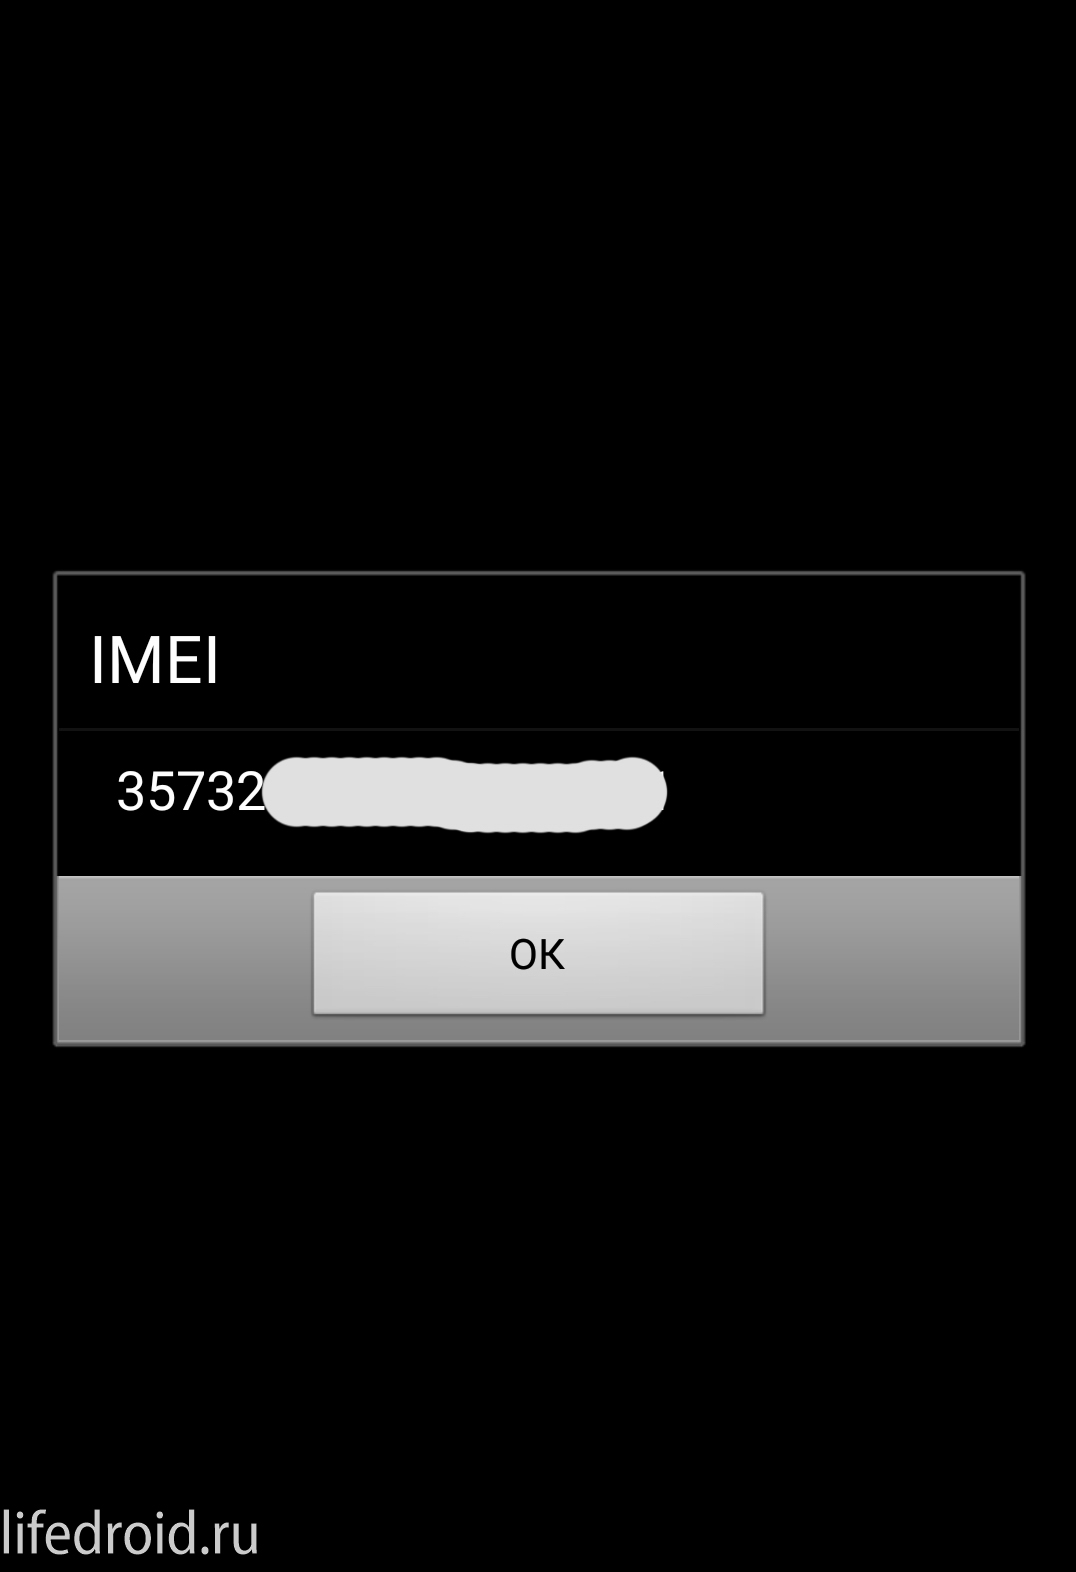 IMEI на экране